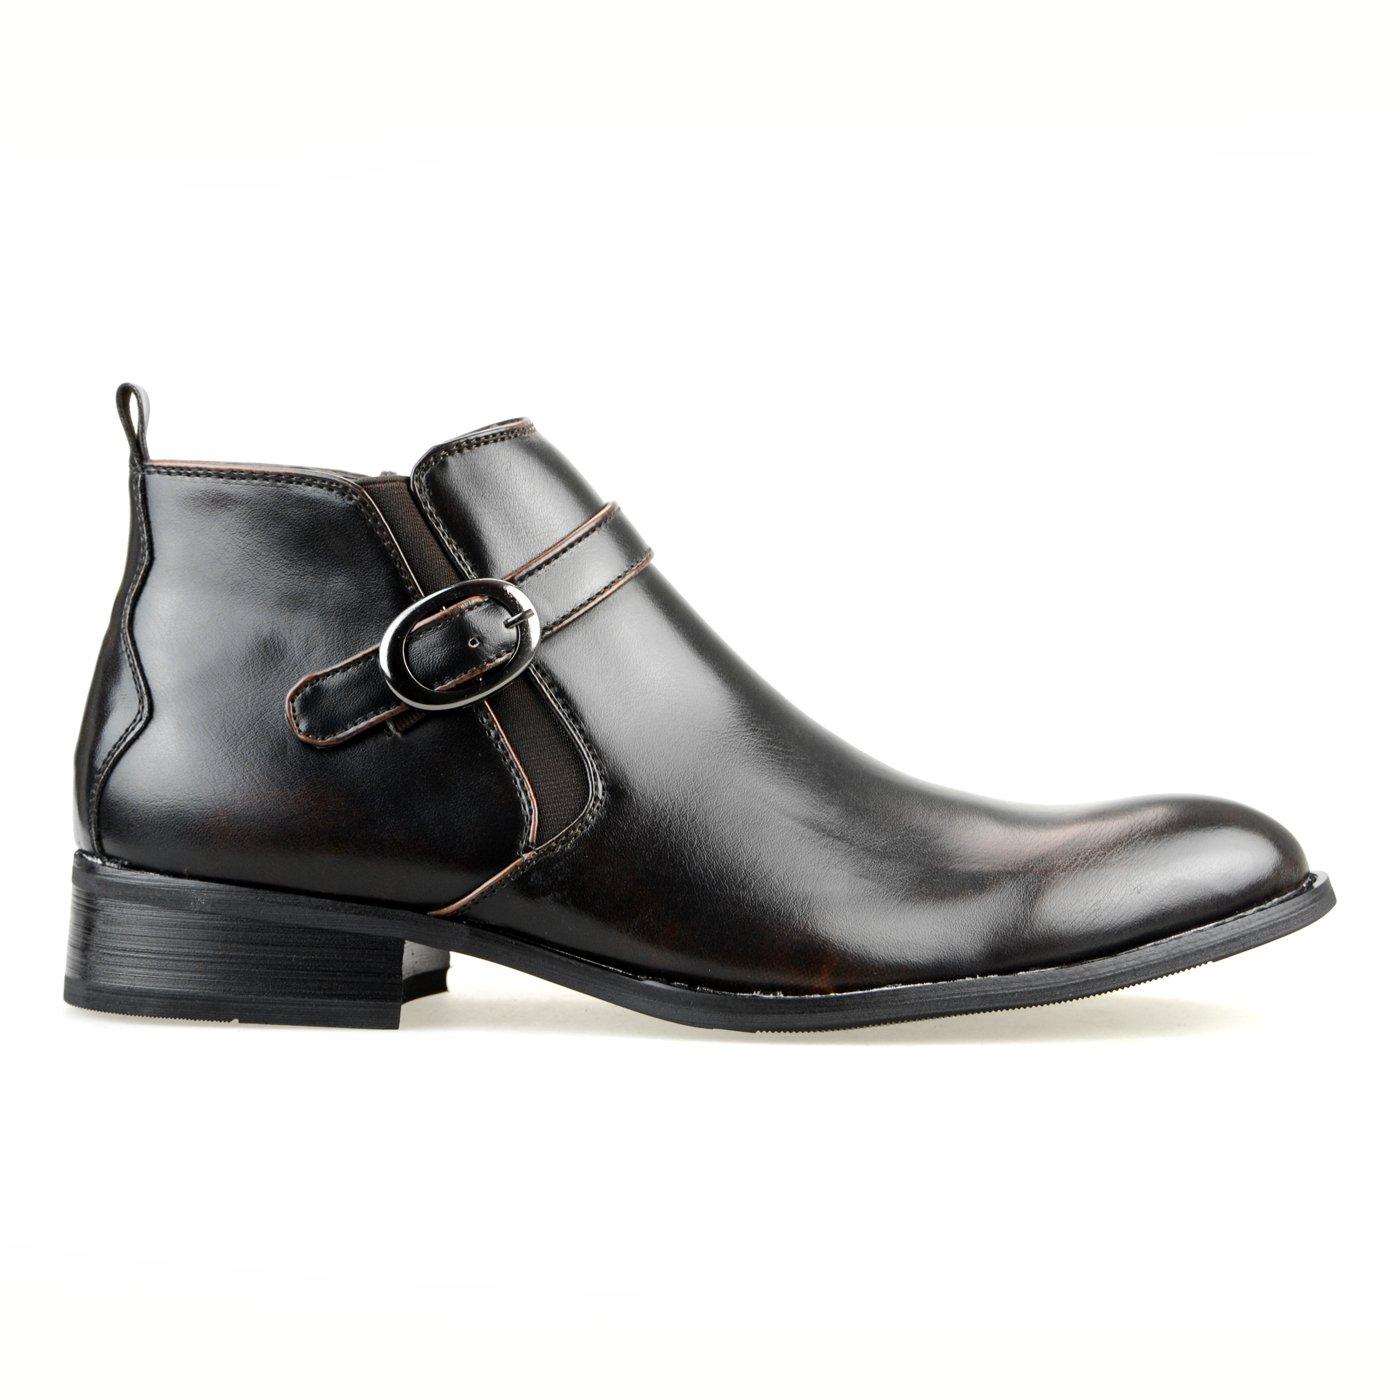 【11960円相当】 撥水加工 低反発 2足セット ビジネスシューズ メンズ ビジネスブーツ デザート ブーツ ショートブーツ ビジネス メンズ 靴 紳士靴 福袋 [ エムエムワン ] MM/ONE 【 UZF39B 】 B01LRVV9DC 26.0 cm 3E|Cダークブラウン+Eブラック Cダークブラウン+Eブラック 26.0 cm 3E